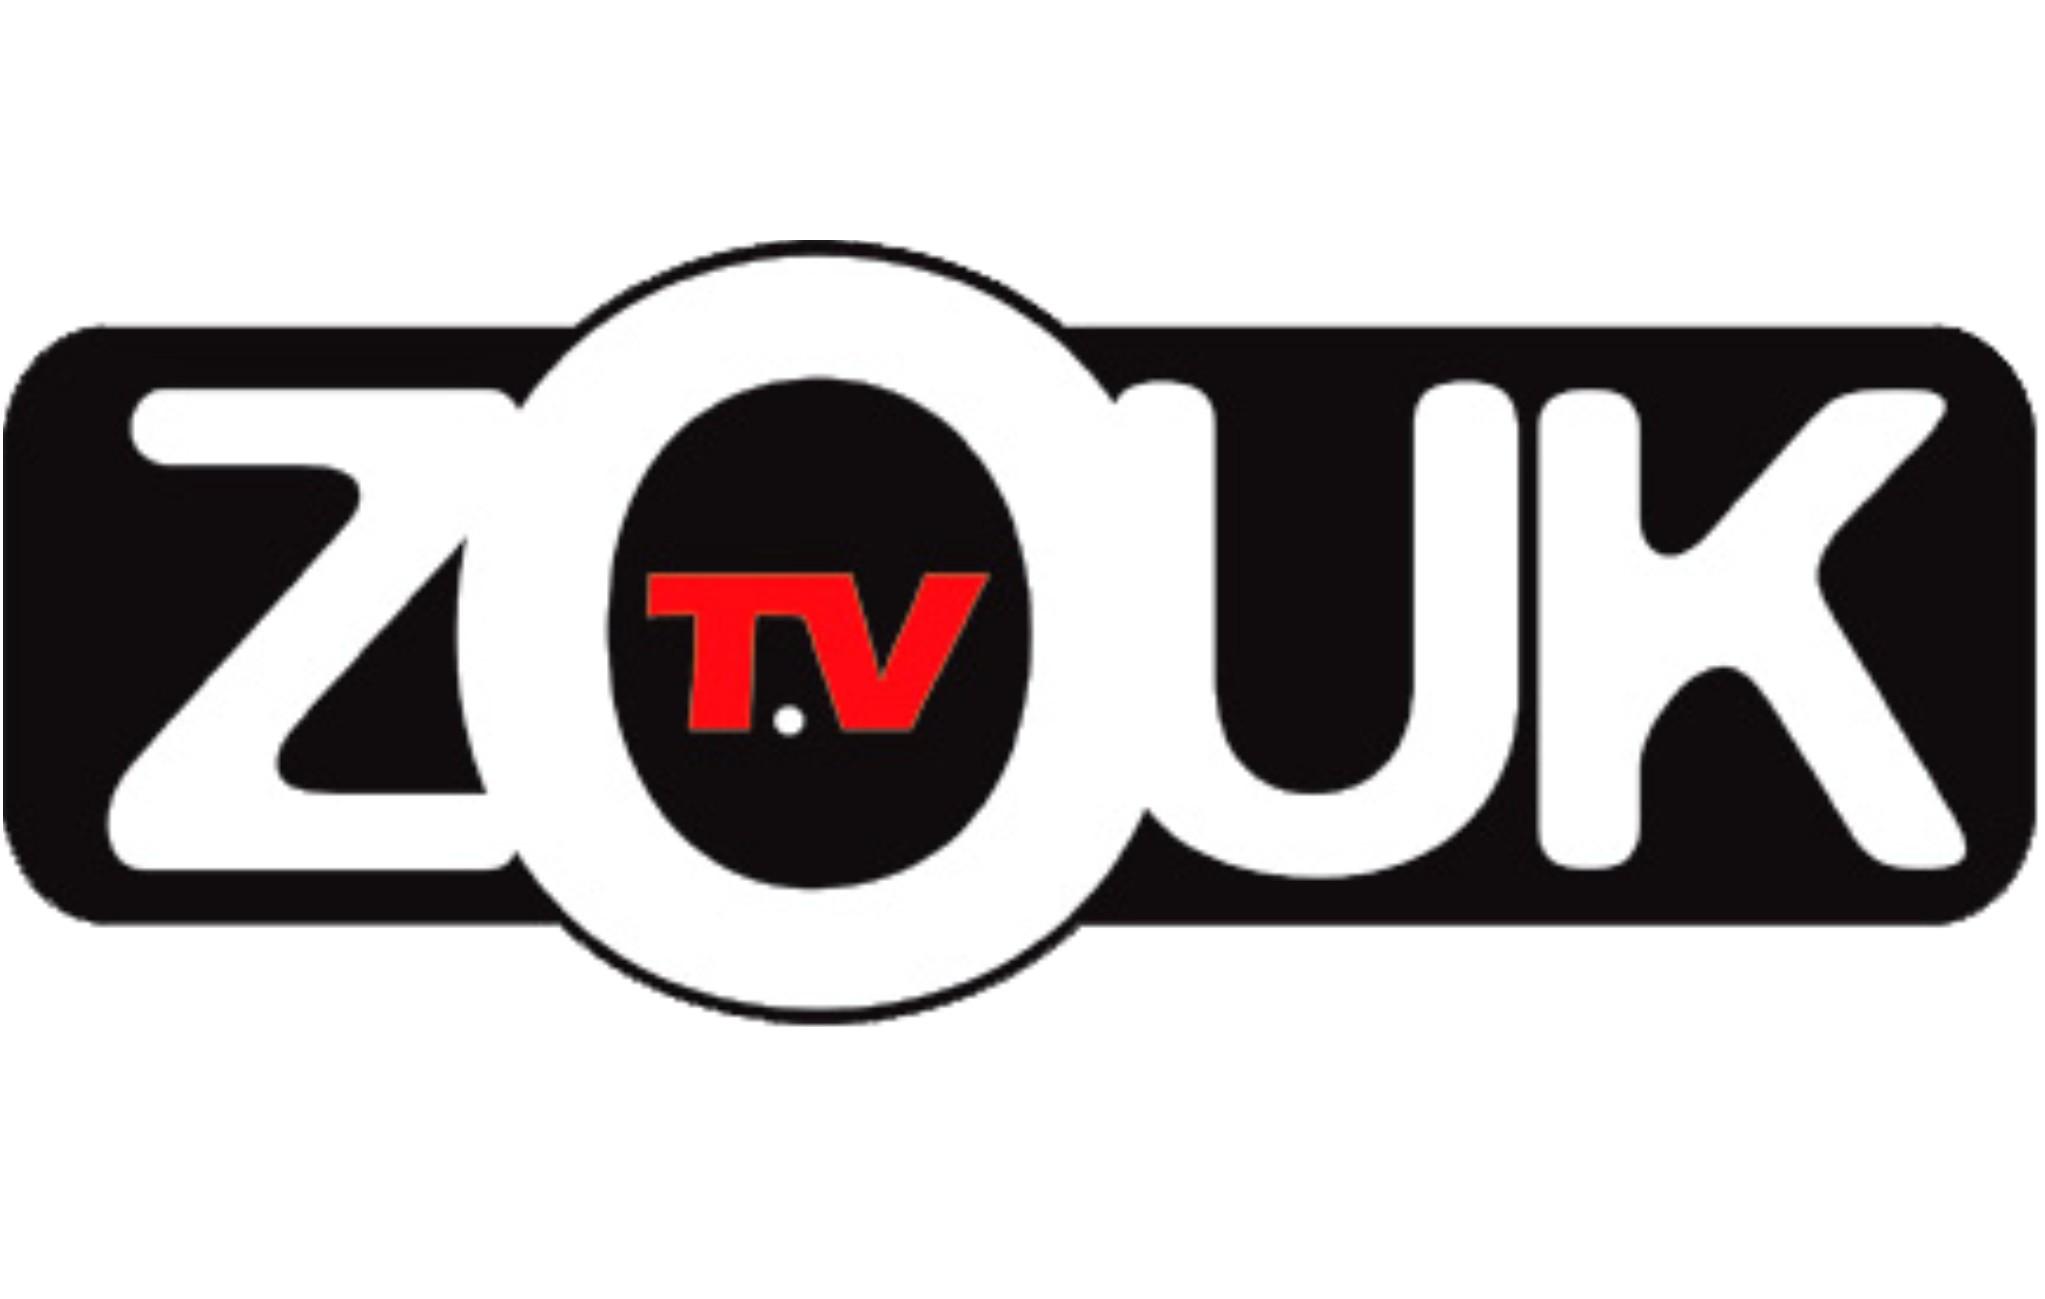 Chaîne de télévision Zouk TV